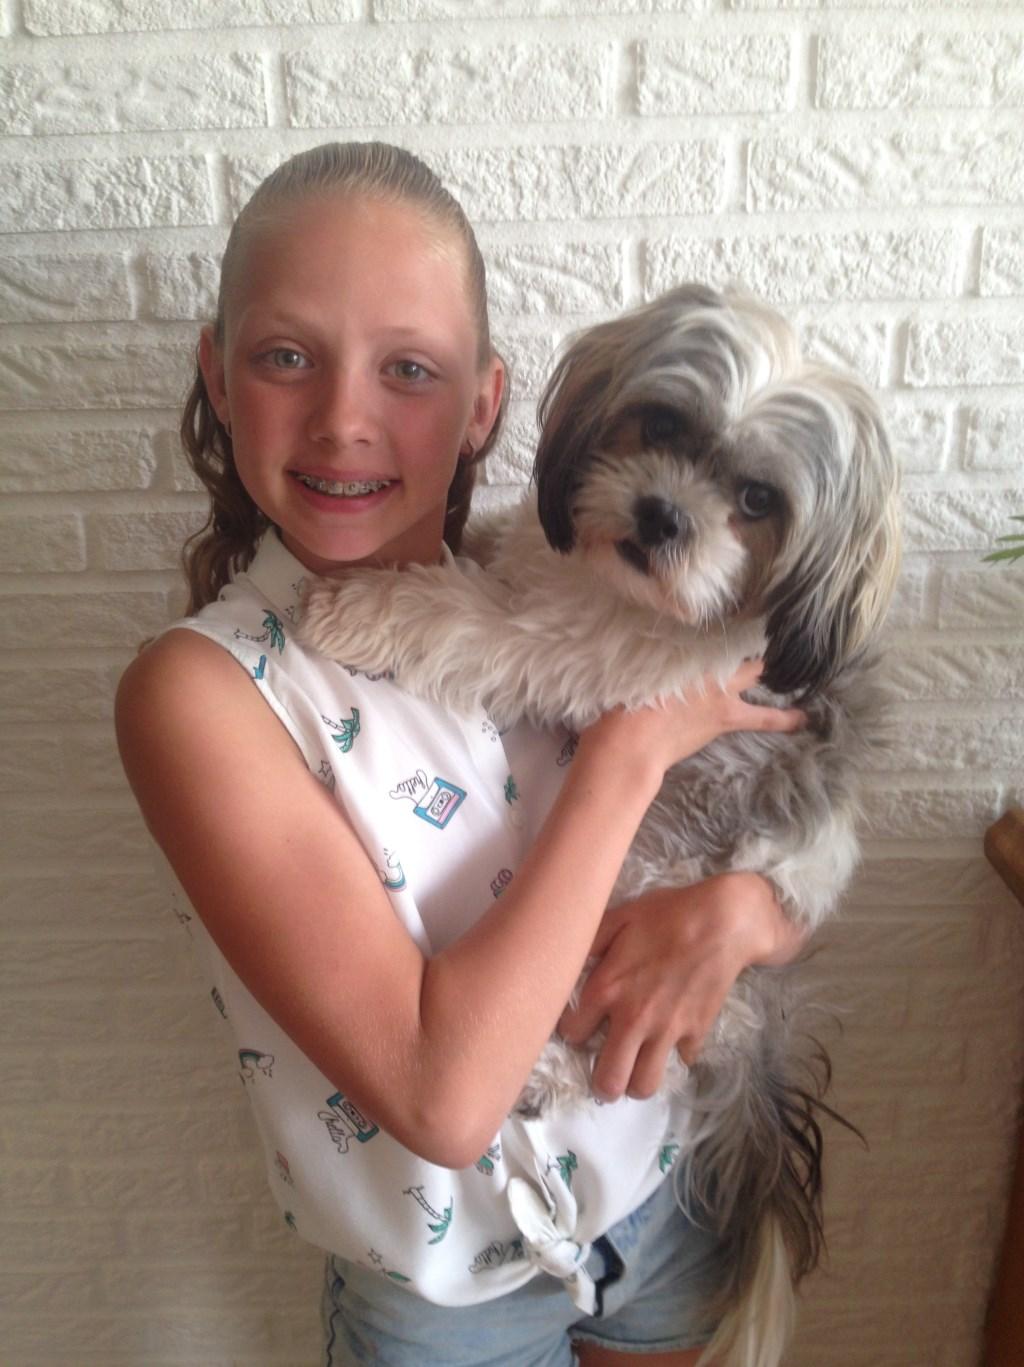 Mijn hondje is super lief en is alles voor mij! (Esmee Thonies)  © deMooiLaarbeekkrant